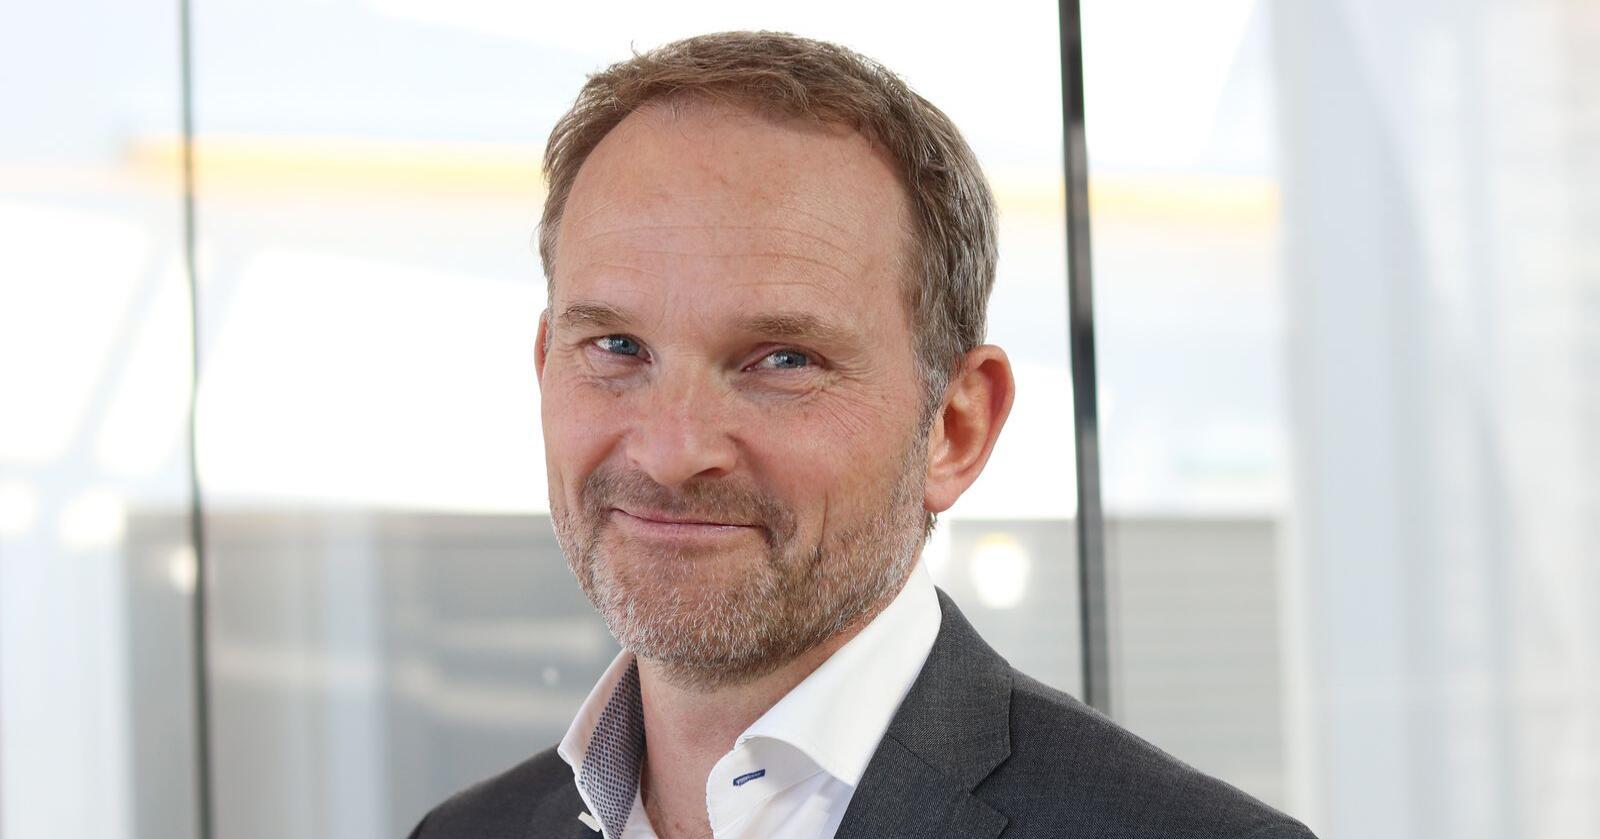 Brukerne i sentrum: Direktoratet for e-helse jobber for et enklere Helse-Norge gjennom digitalisering, og er en pådriver for å sette brukerne av løsningene i sentrum, skriver fungerende direktør Karl Vestli. Foto: Direktoratet for e-helse